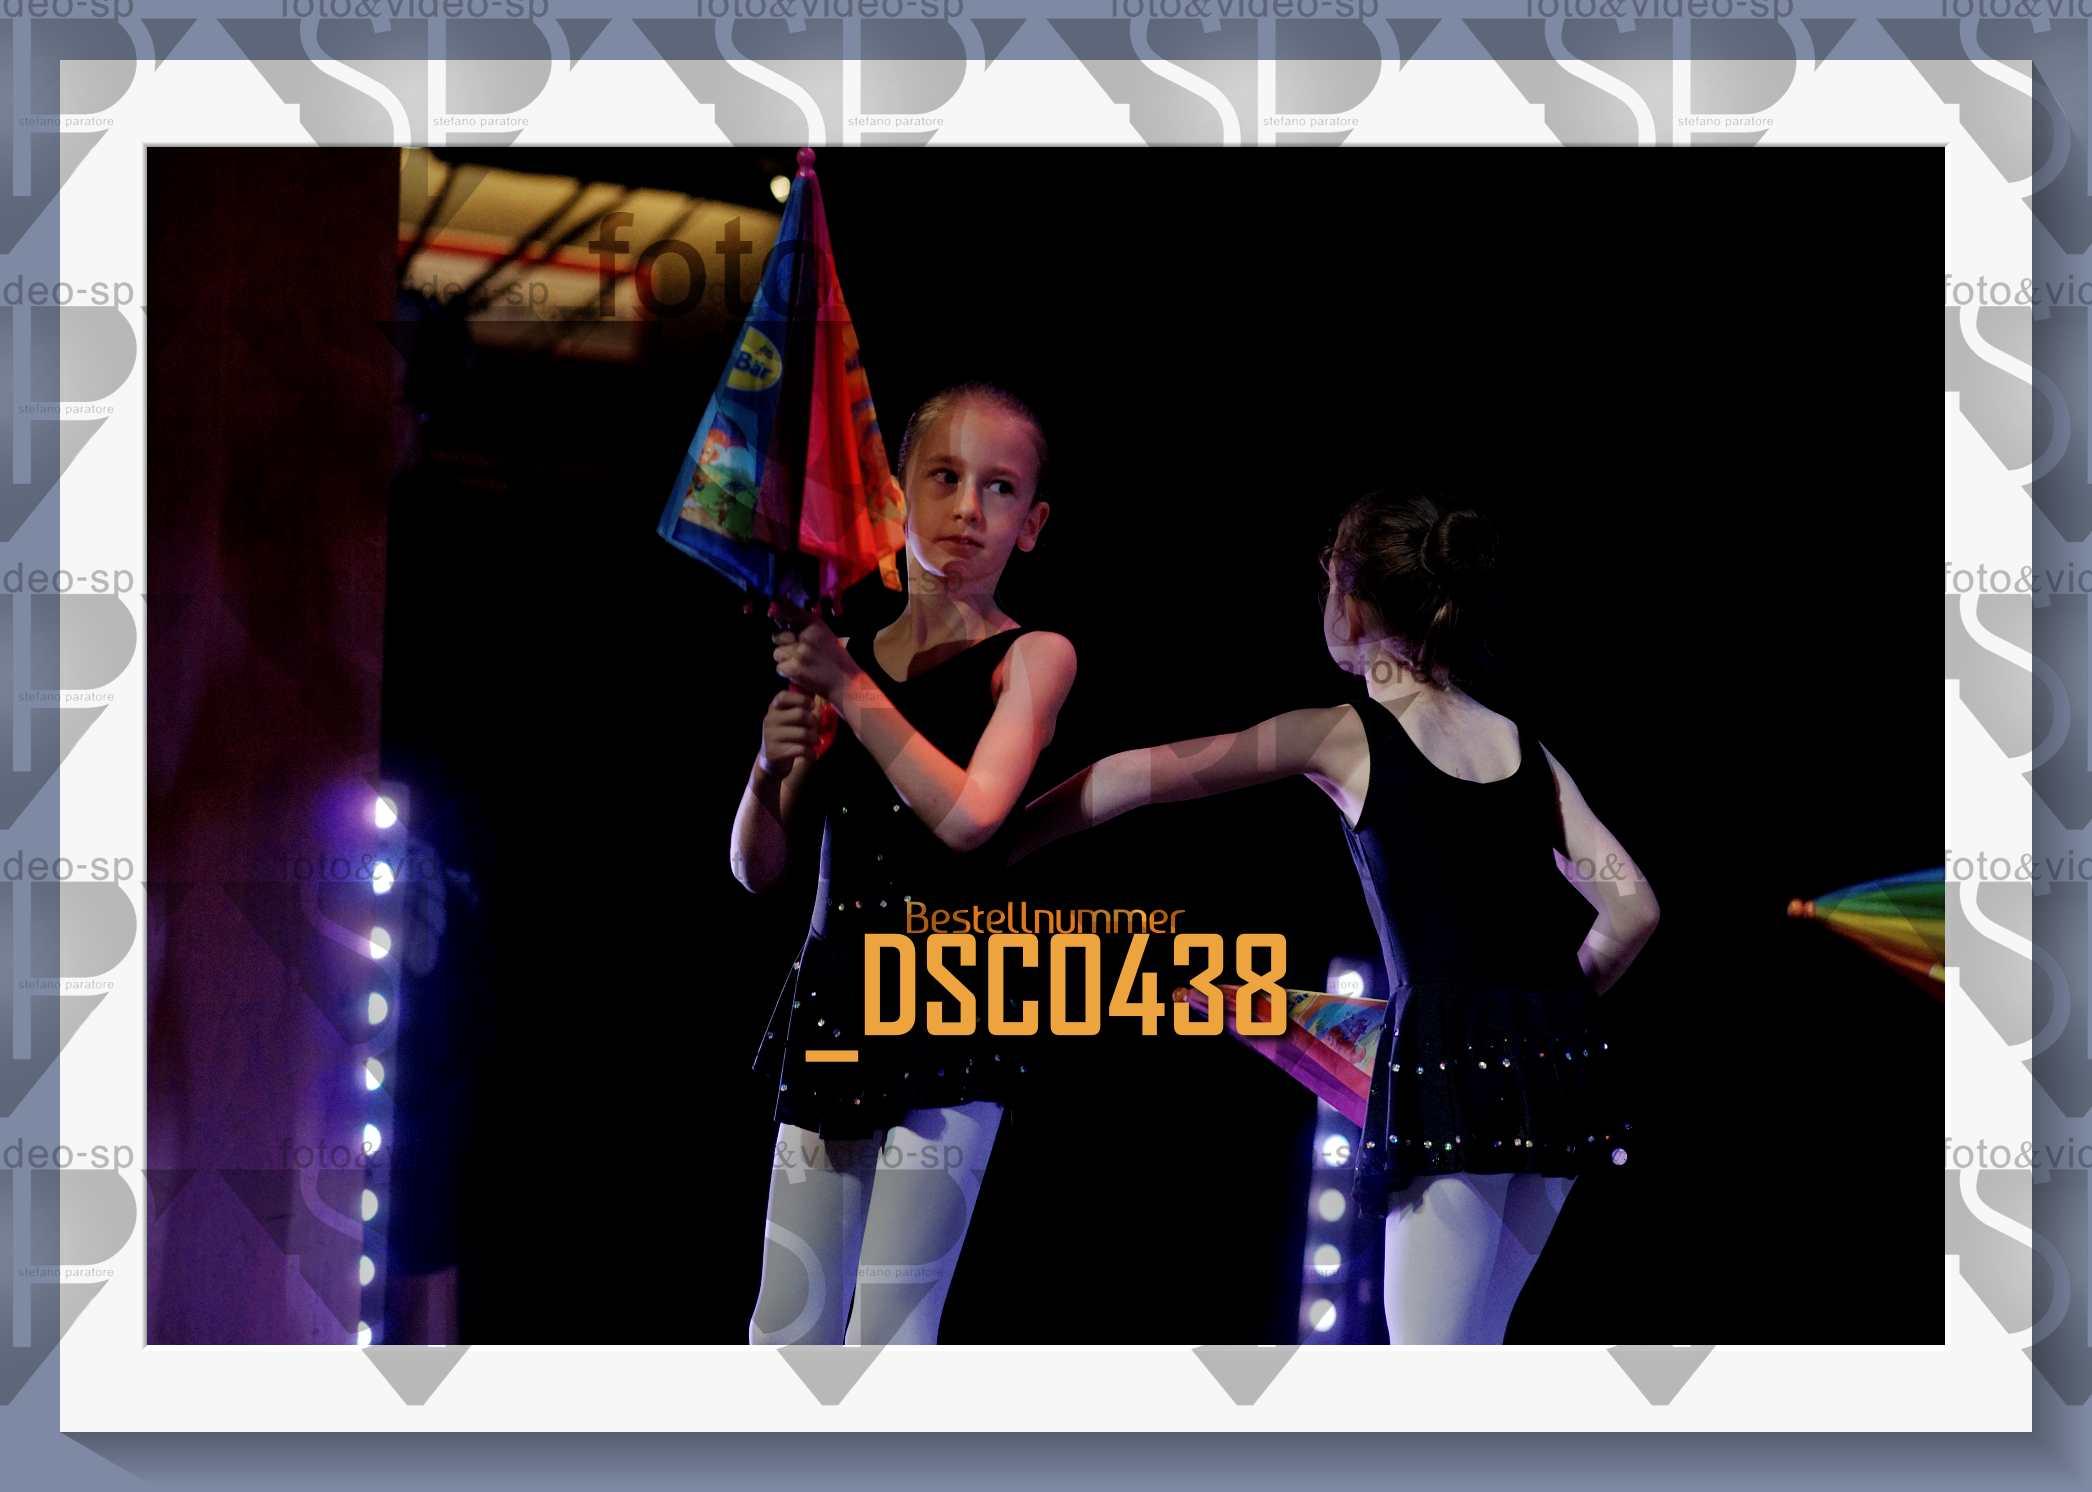 DSC0438